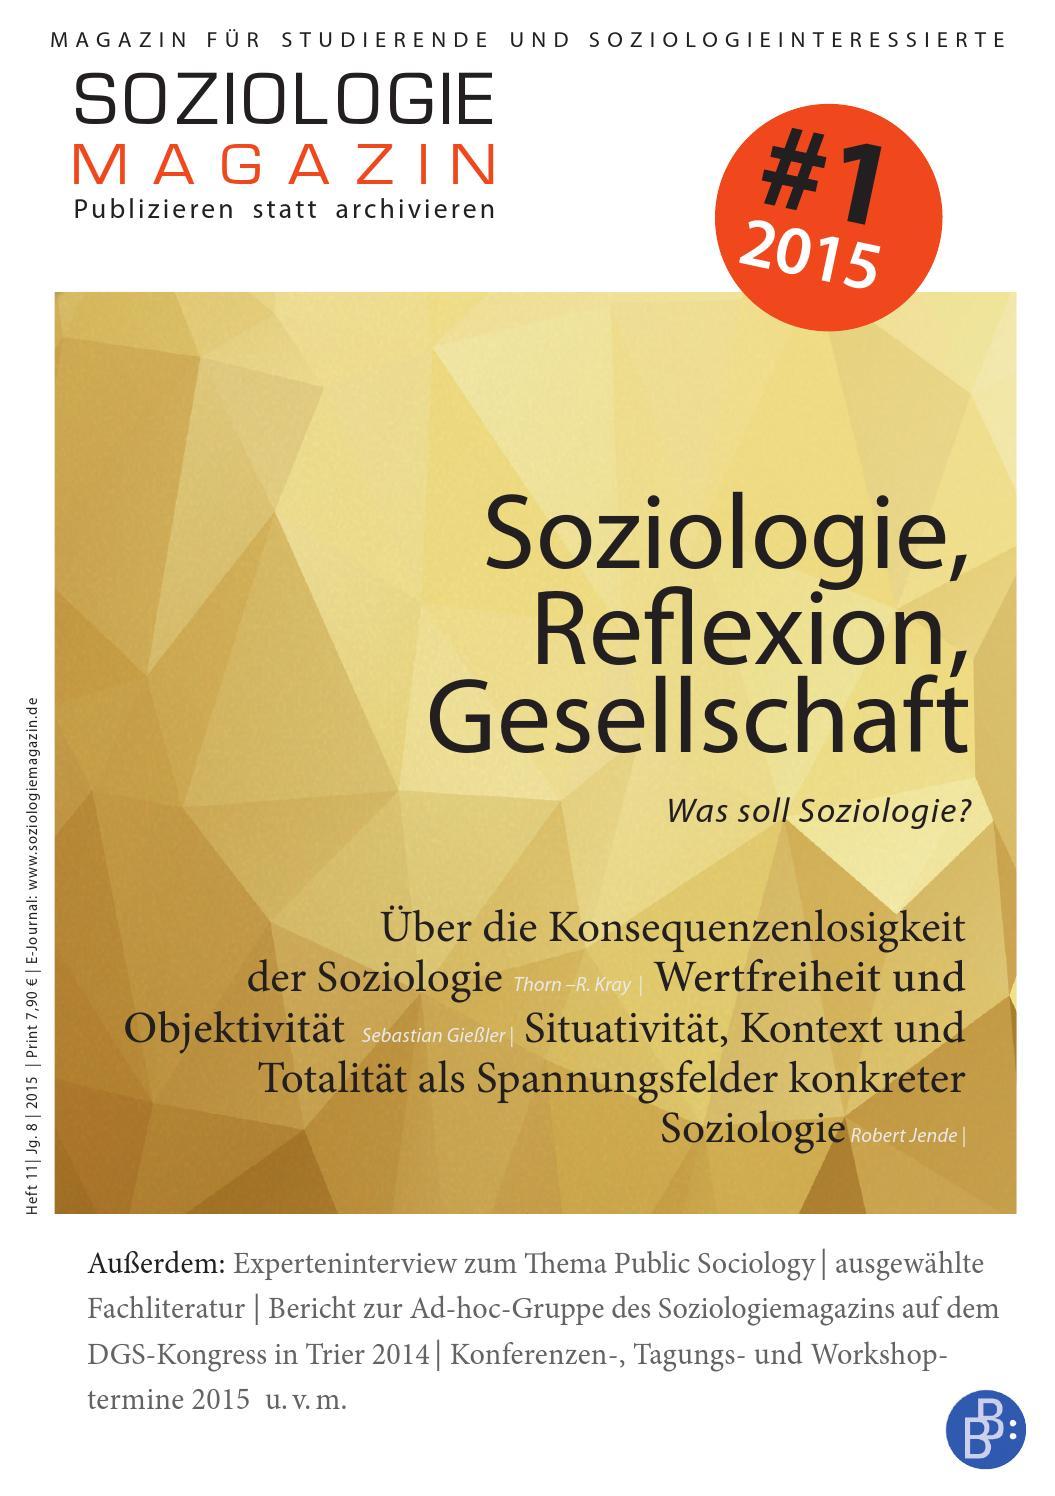 Soziologie, Reflexion, Gesellschaft - Was soll Soziologie? by  Soziologiemagazin - issuu